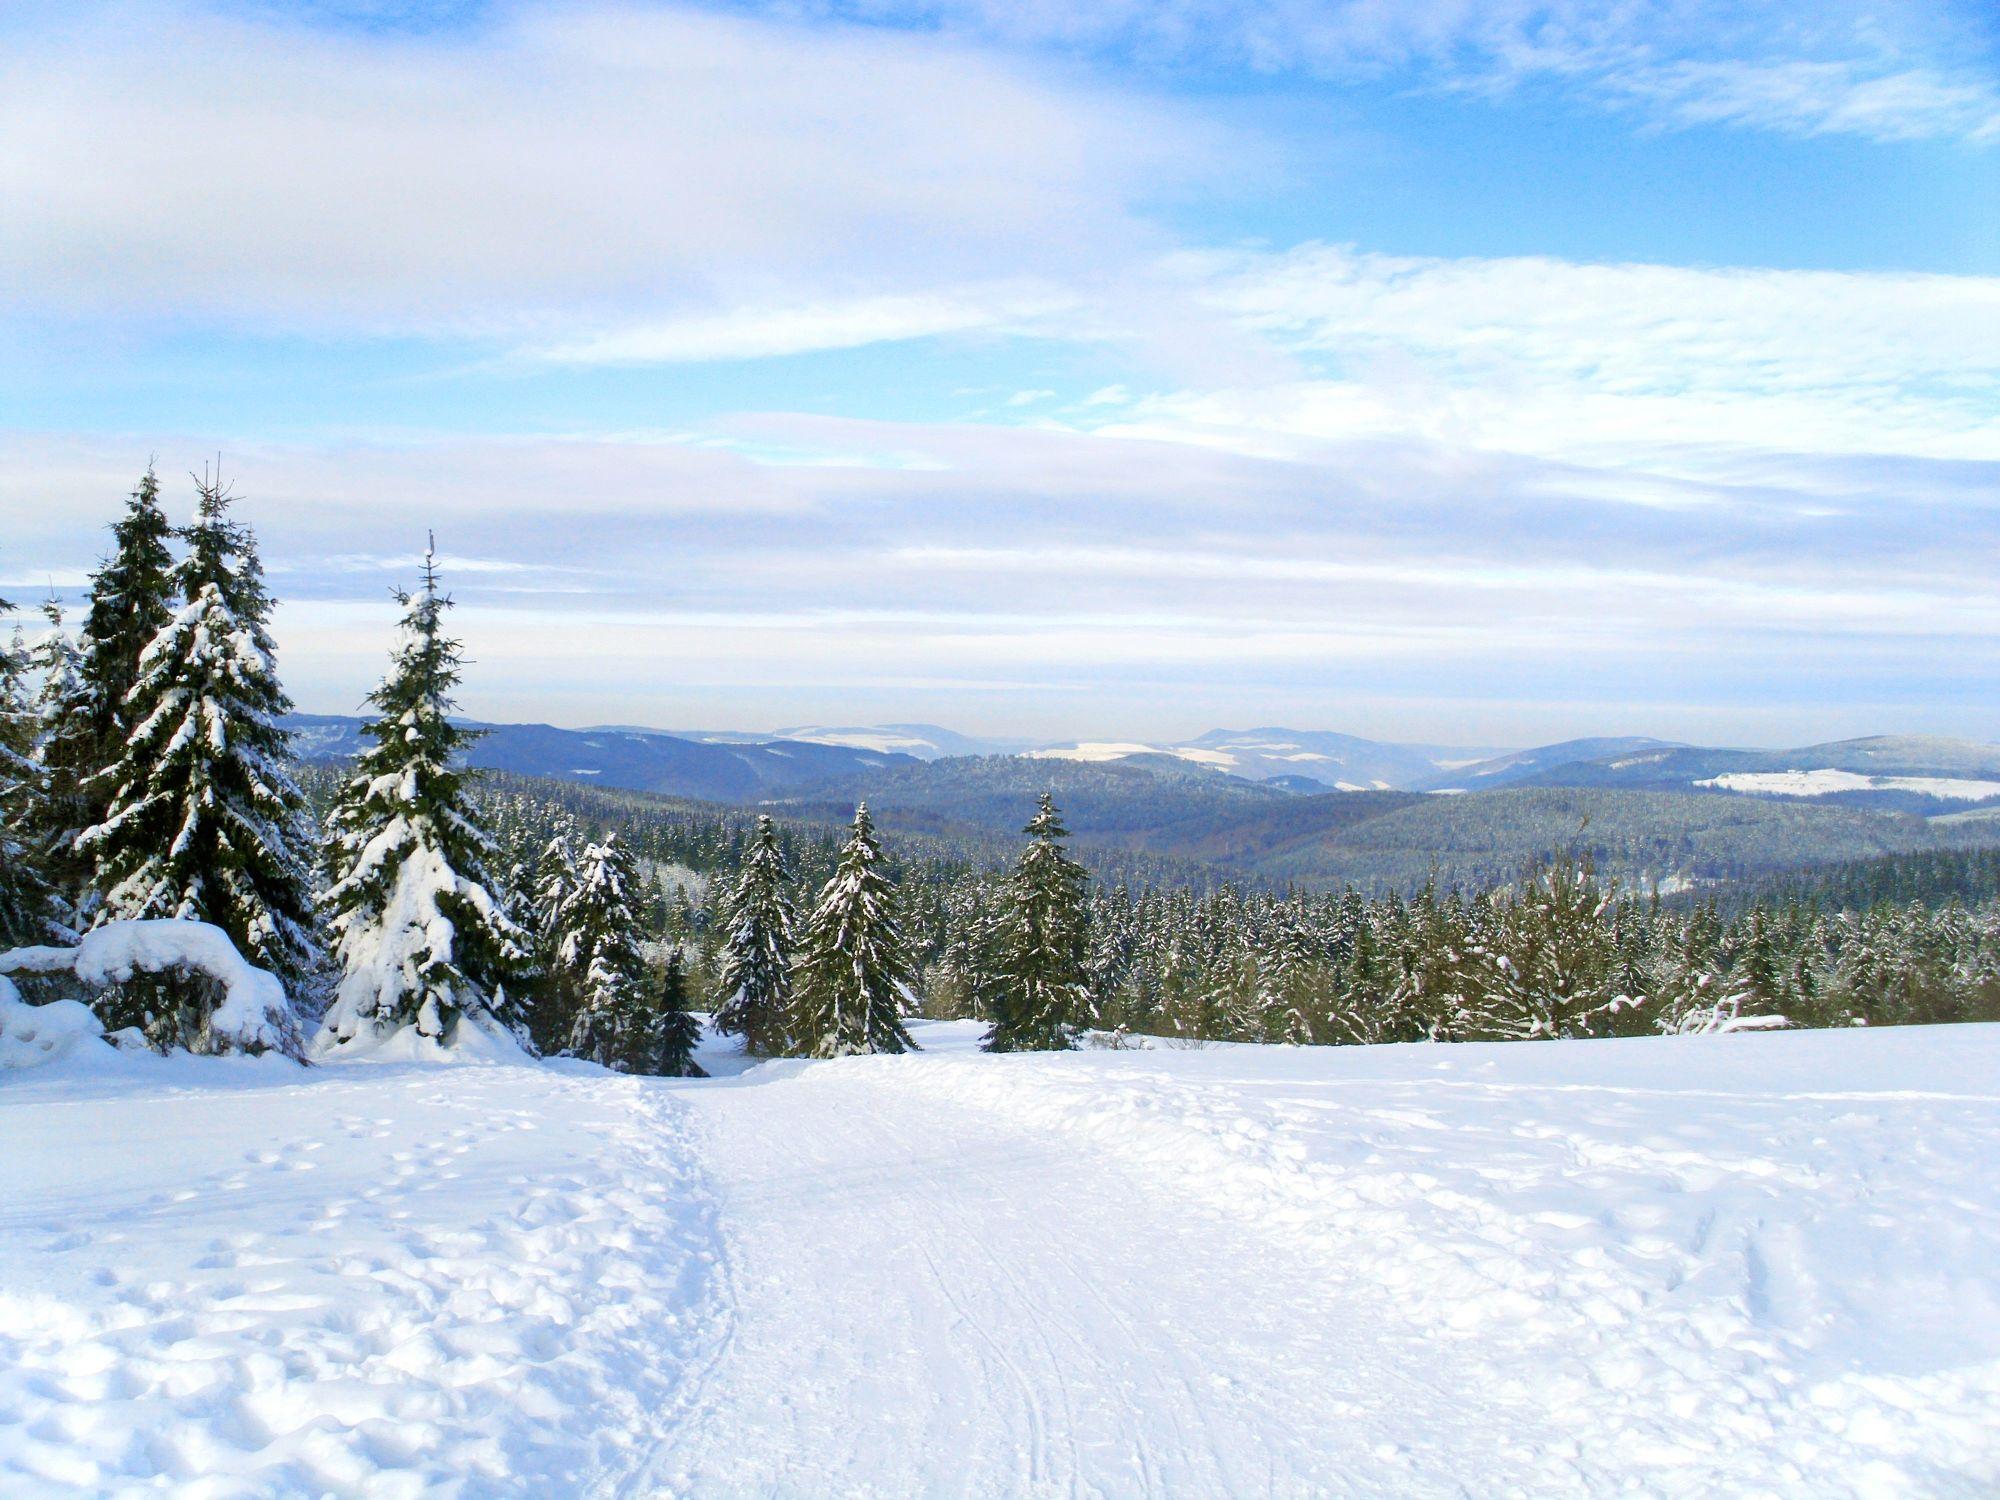 Bild mit Natur, Pflanzen, Landschaften, Berge und Hügel, Berge, Hochland, Himmel, Hügel, Bäume, Grate, Jahreszeiten, Winter, Wetter, Schnee, Wolken, winterlandschaft